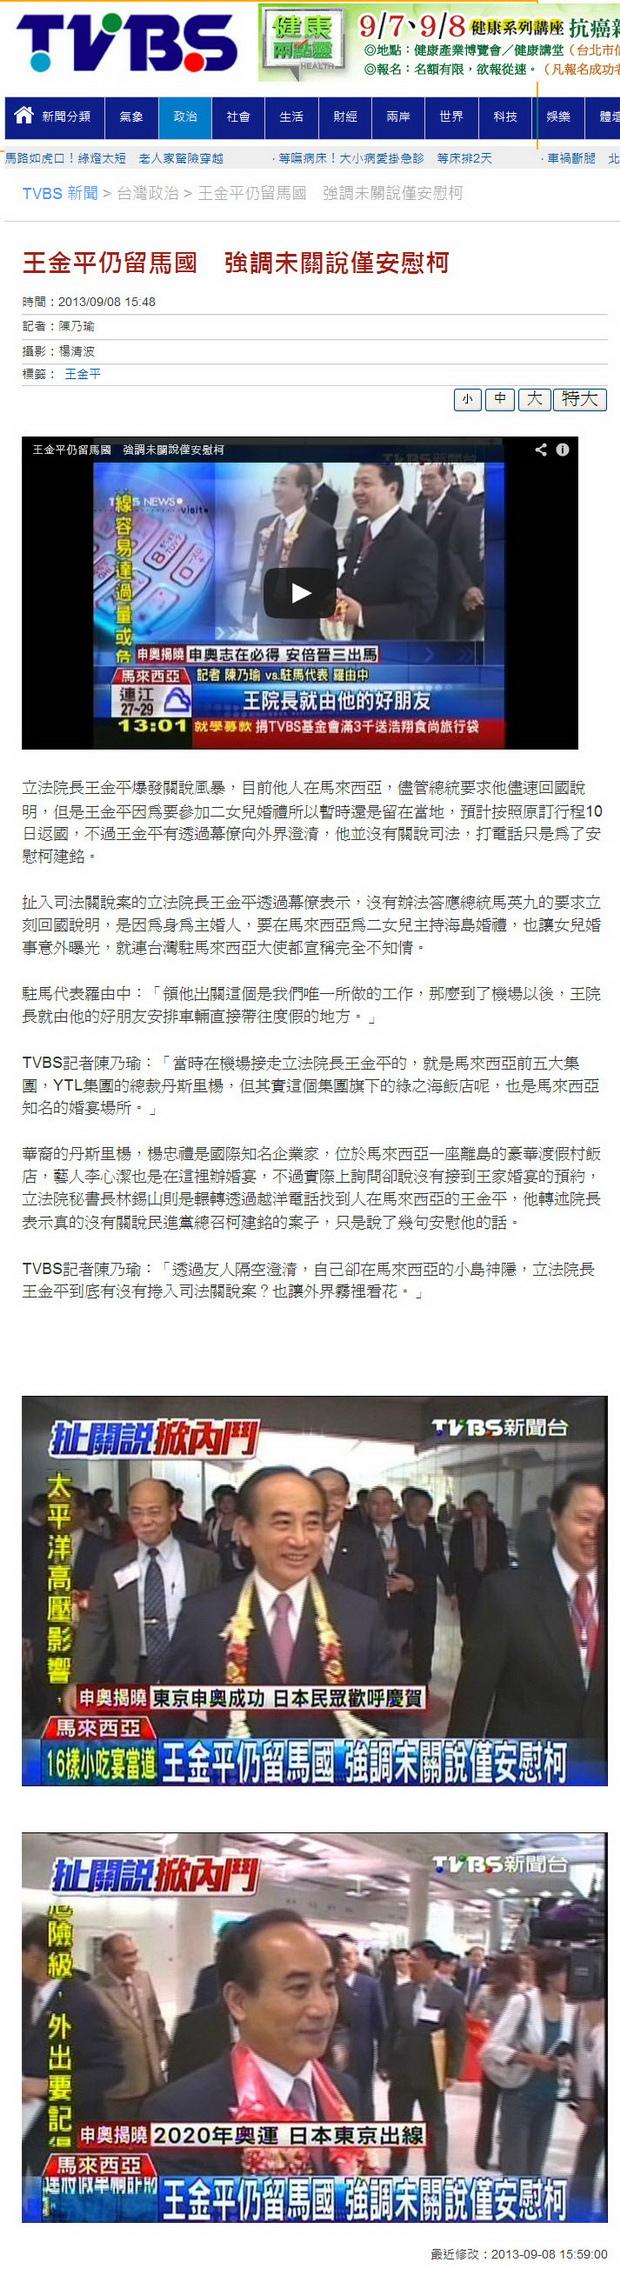 王金平仍留馬國 強調未關說僅安慰柯-2013.09.08.jpg